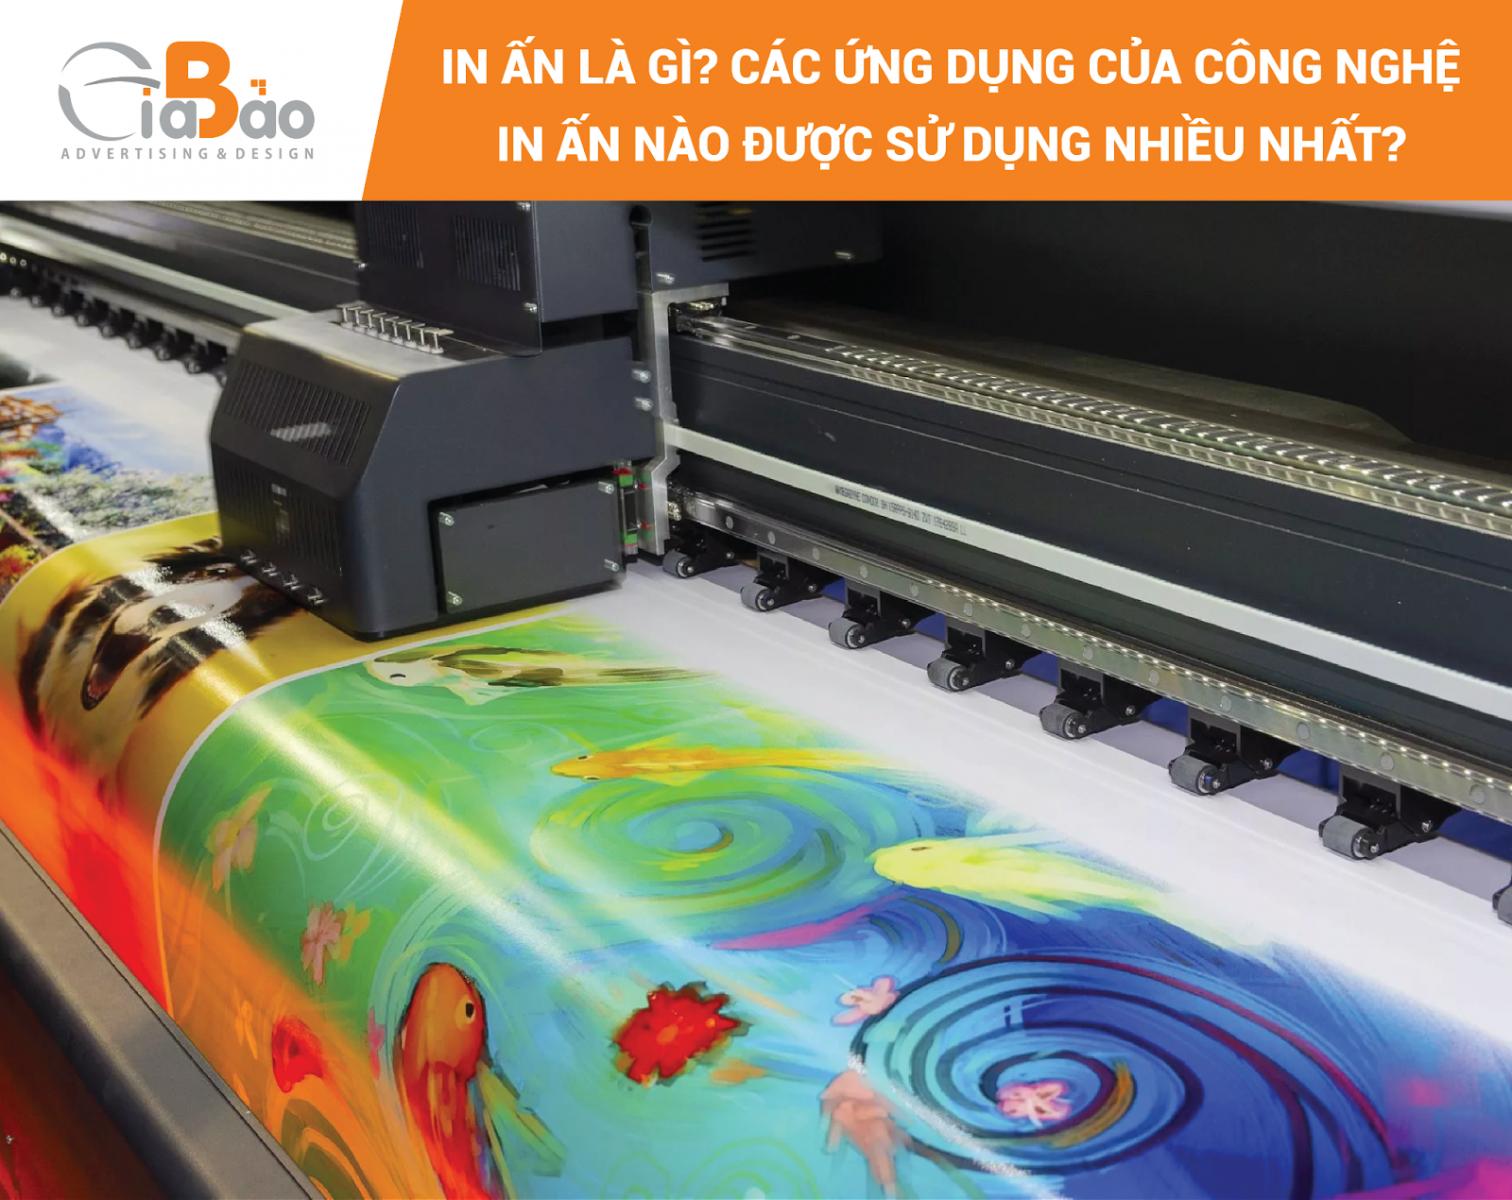 In ấn là gì? Các ứng dụng của công nghệ in ấn nào được sử dụng nhiều nhất?